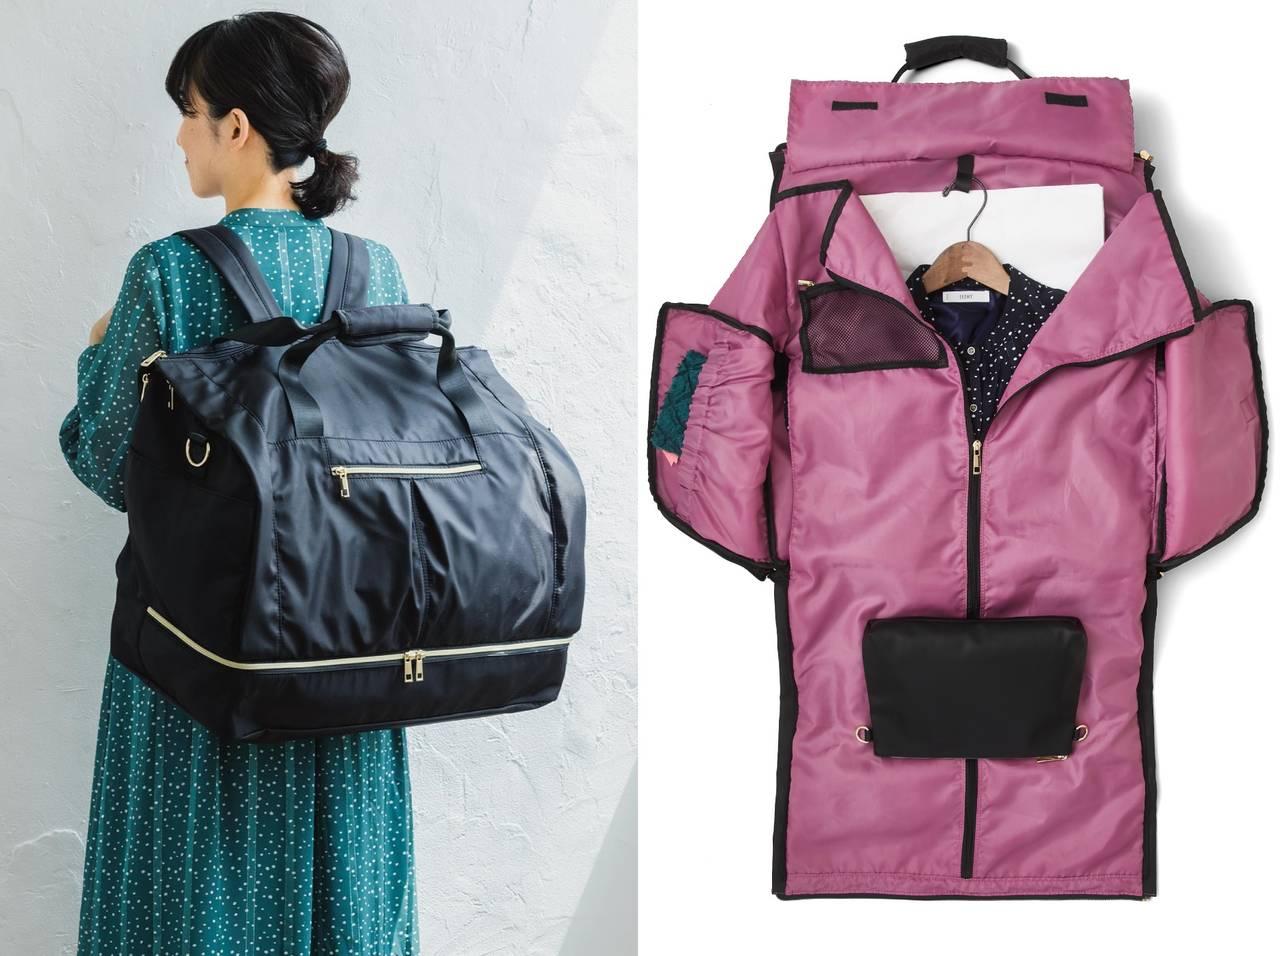 推し色でオシャレに♪ 超大容量・きれいめ遠征バッグ登場! ワンピースもパンプスも収納できる♪